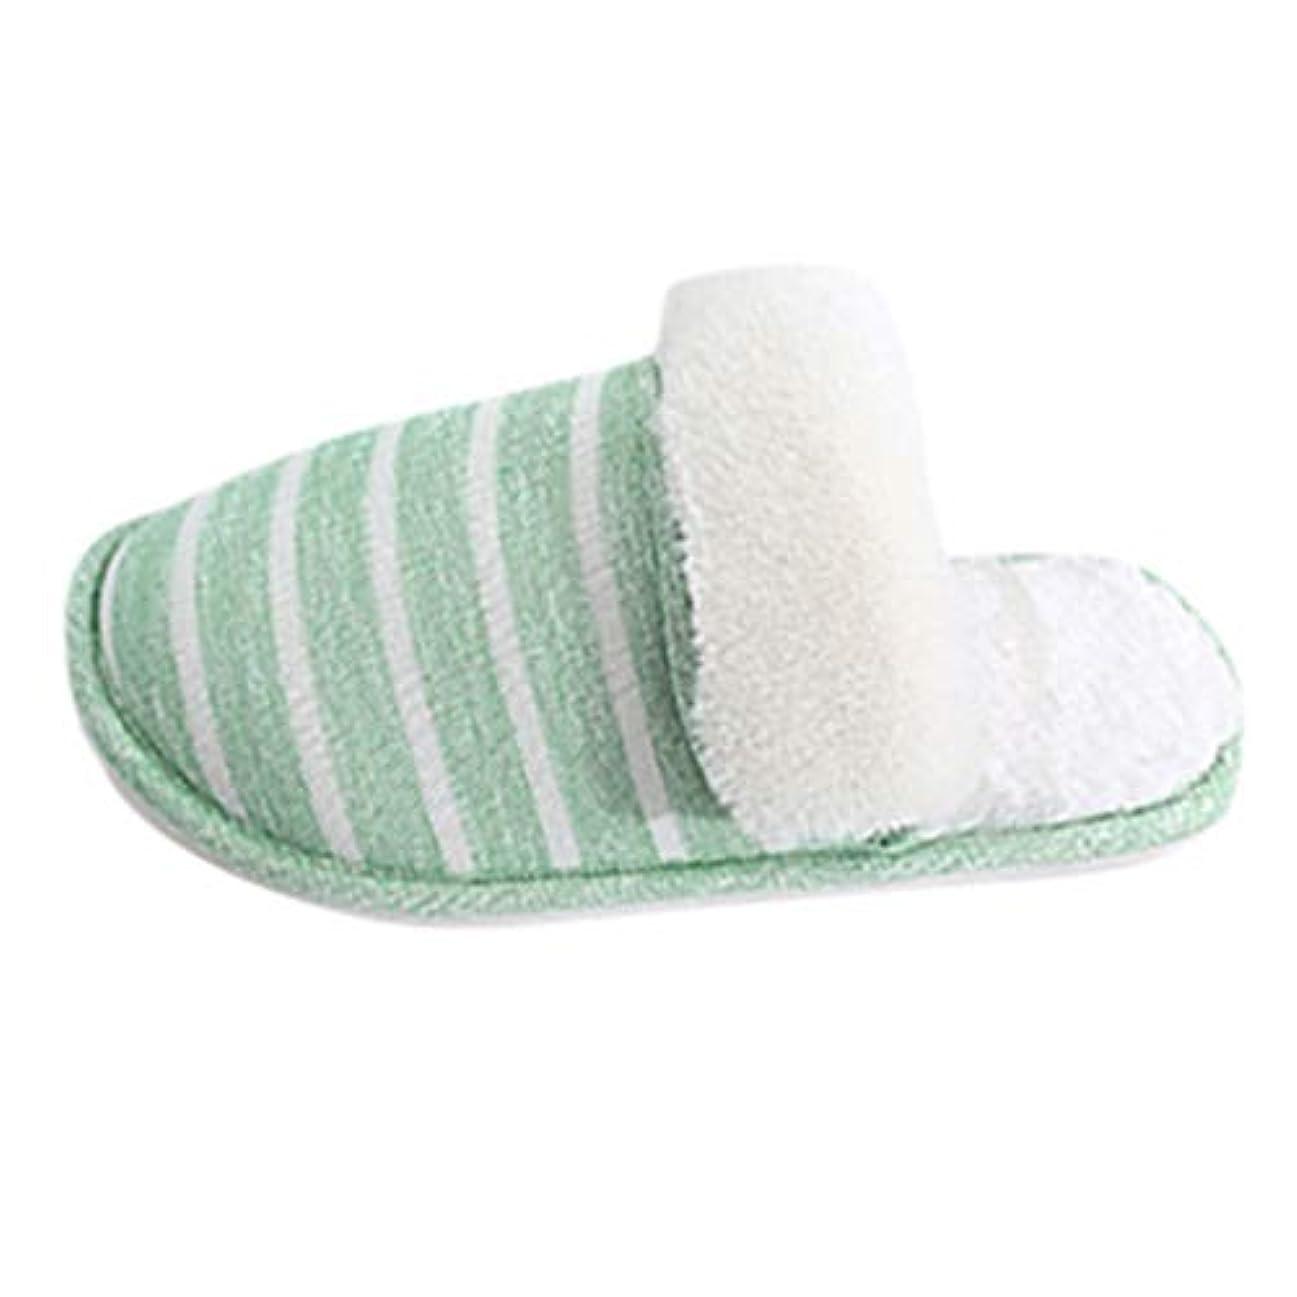 レディース スリッパ 洗える 室内履き冬の スリッパ ルームシューズ 防寒 暖かい 滑り止め付き 抗菌衛生 あったか ピンク グリーン レッド 超軽量 防寒 スリッパ